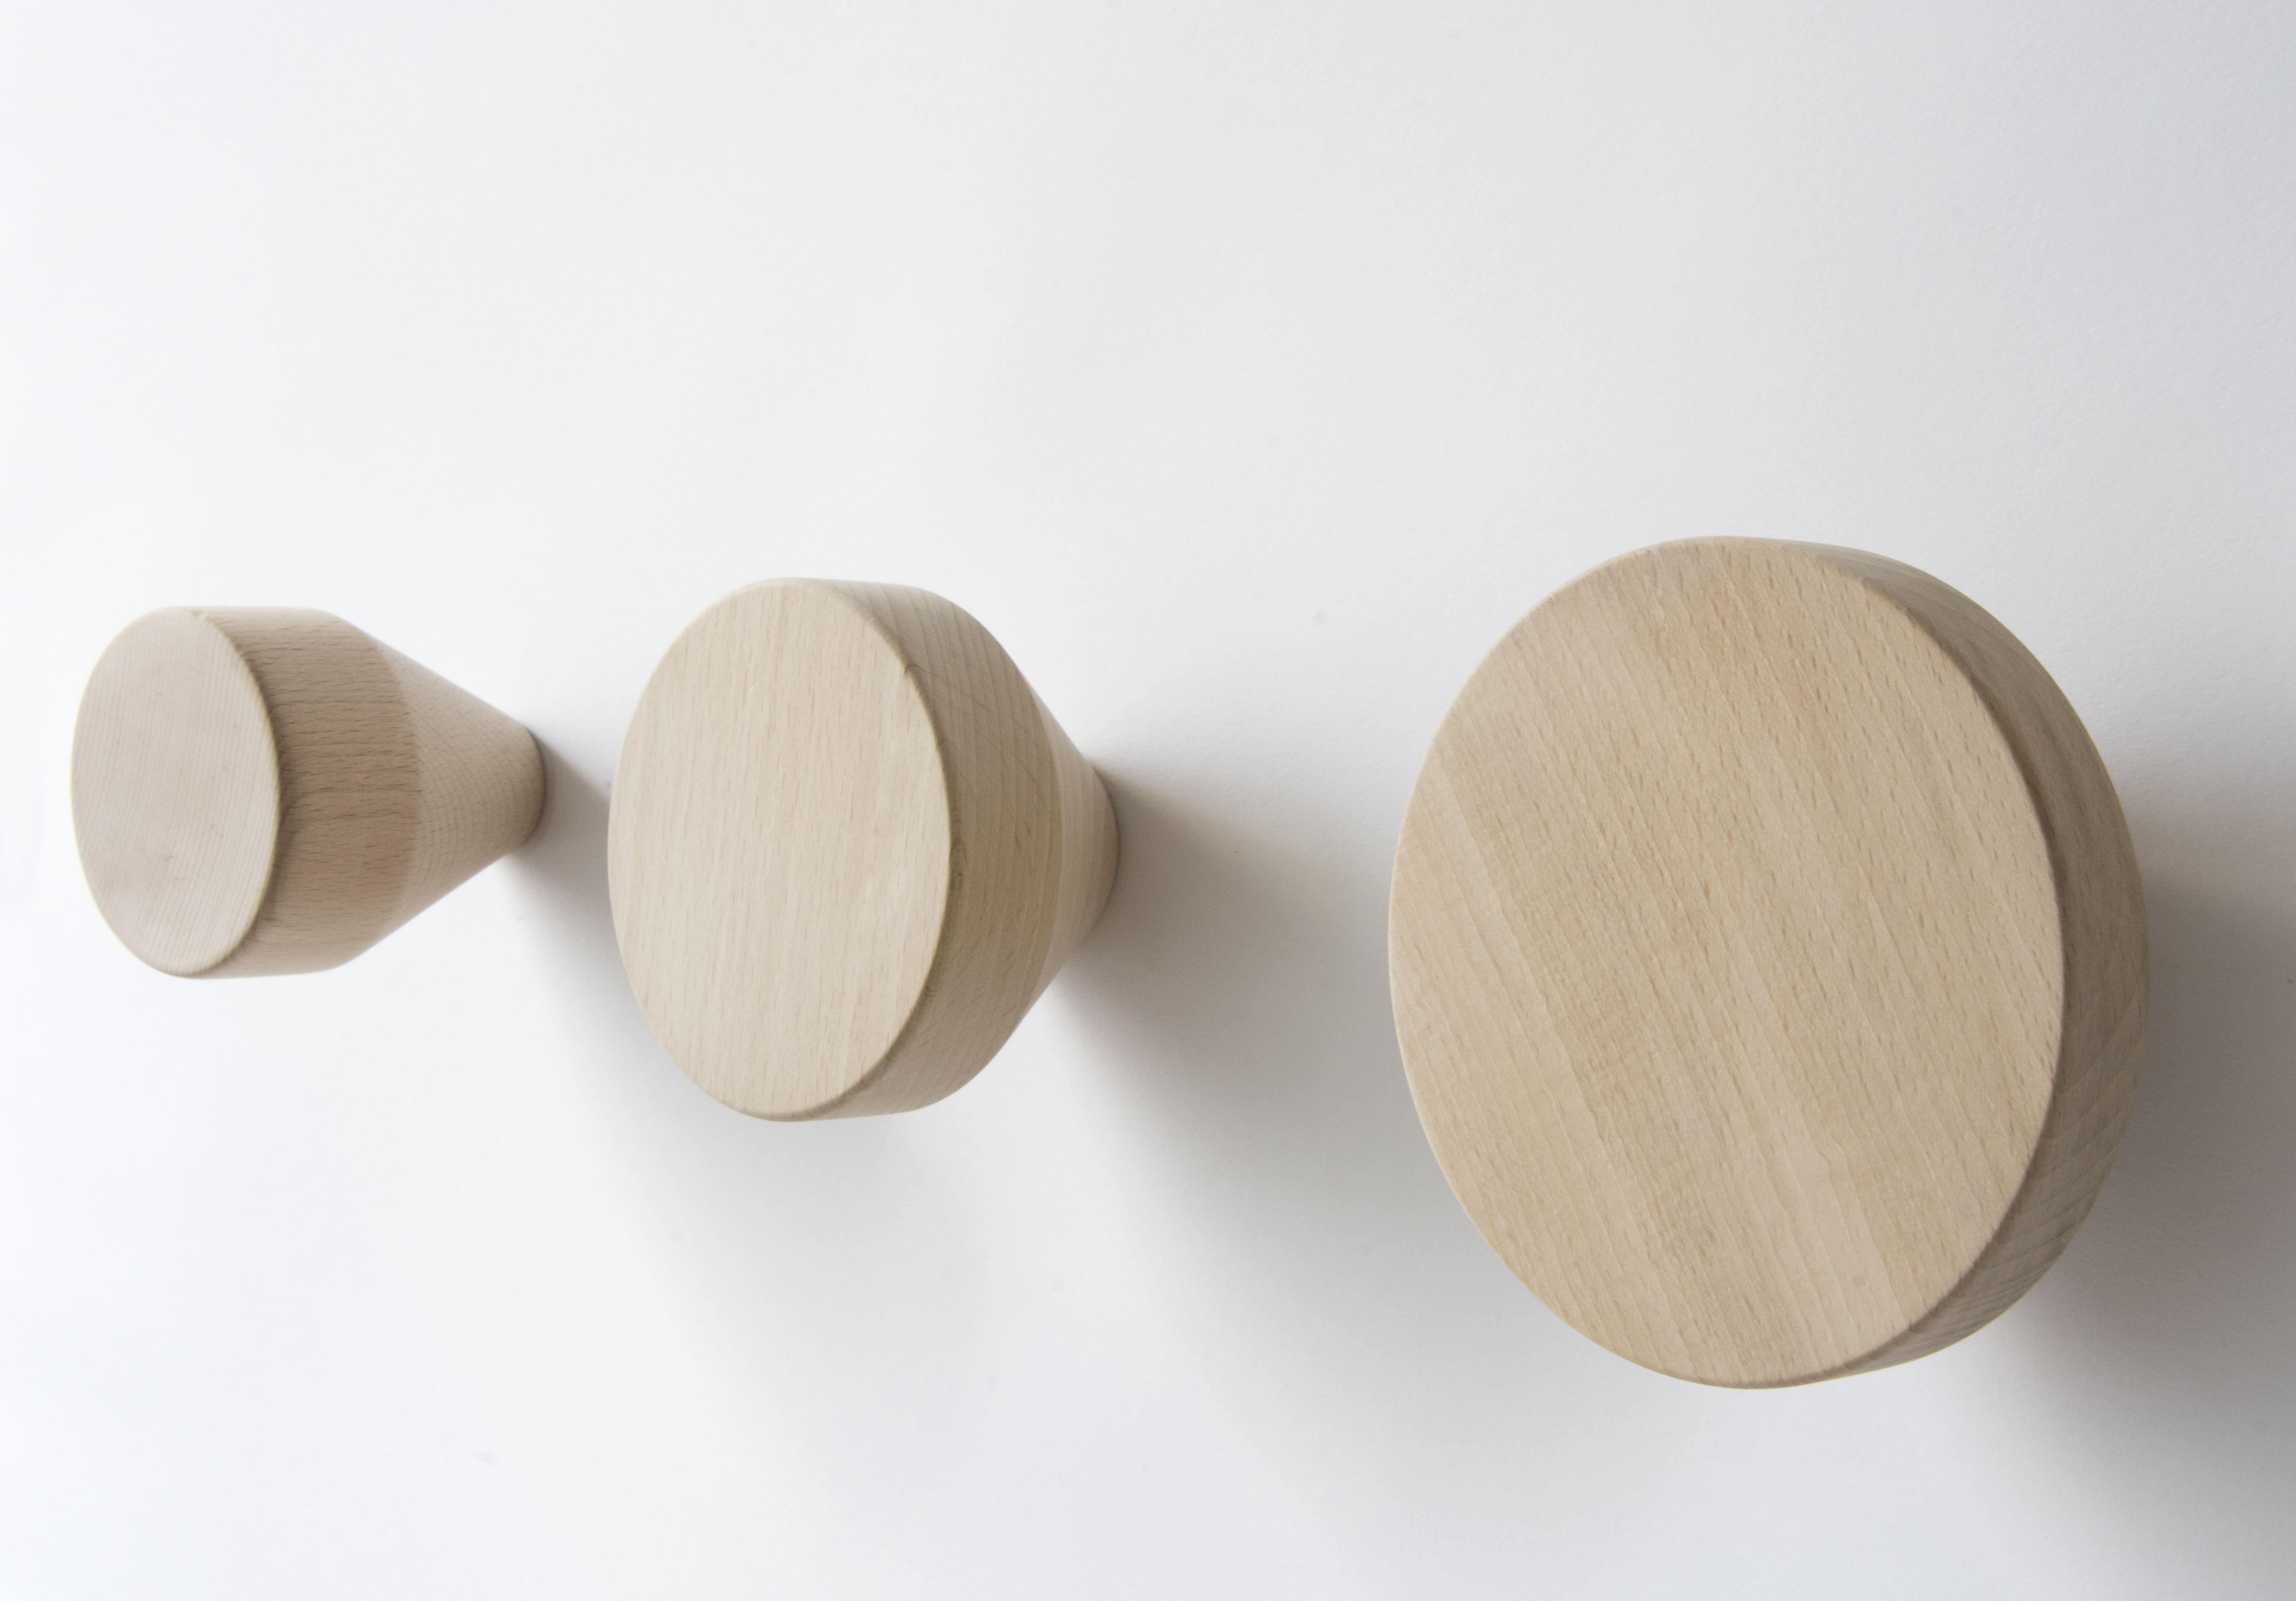 pat re clou 12 cm bois naturel enostudio made in design. Black Bedroom Furniture Sets. Home Design Ideas